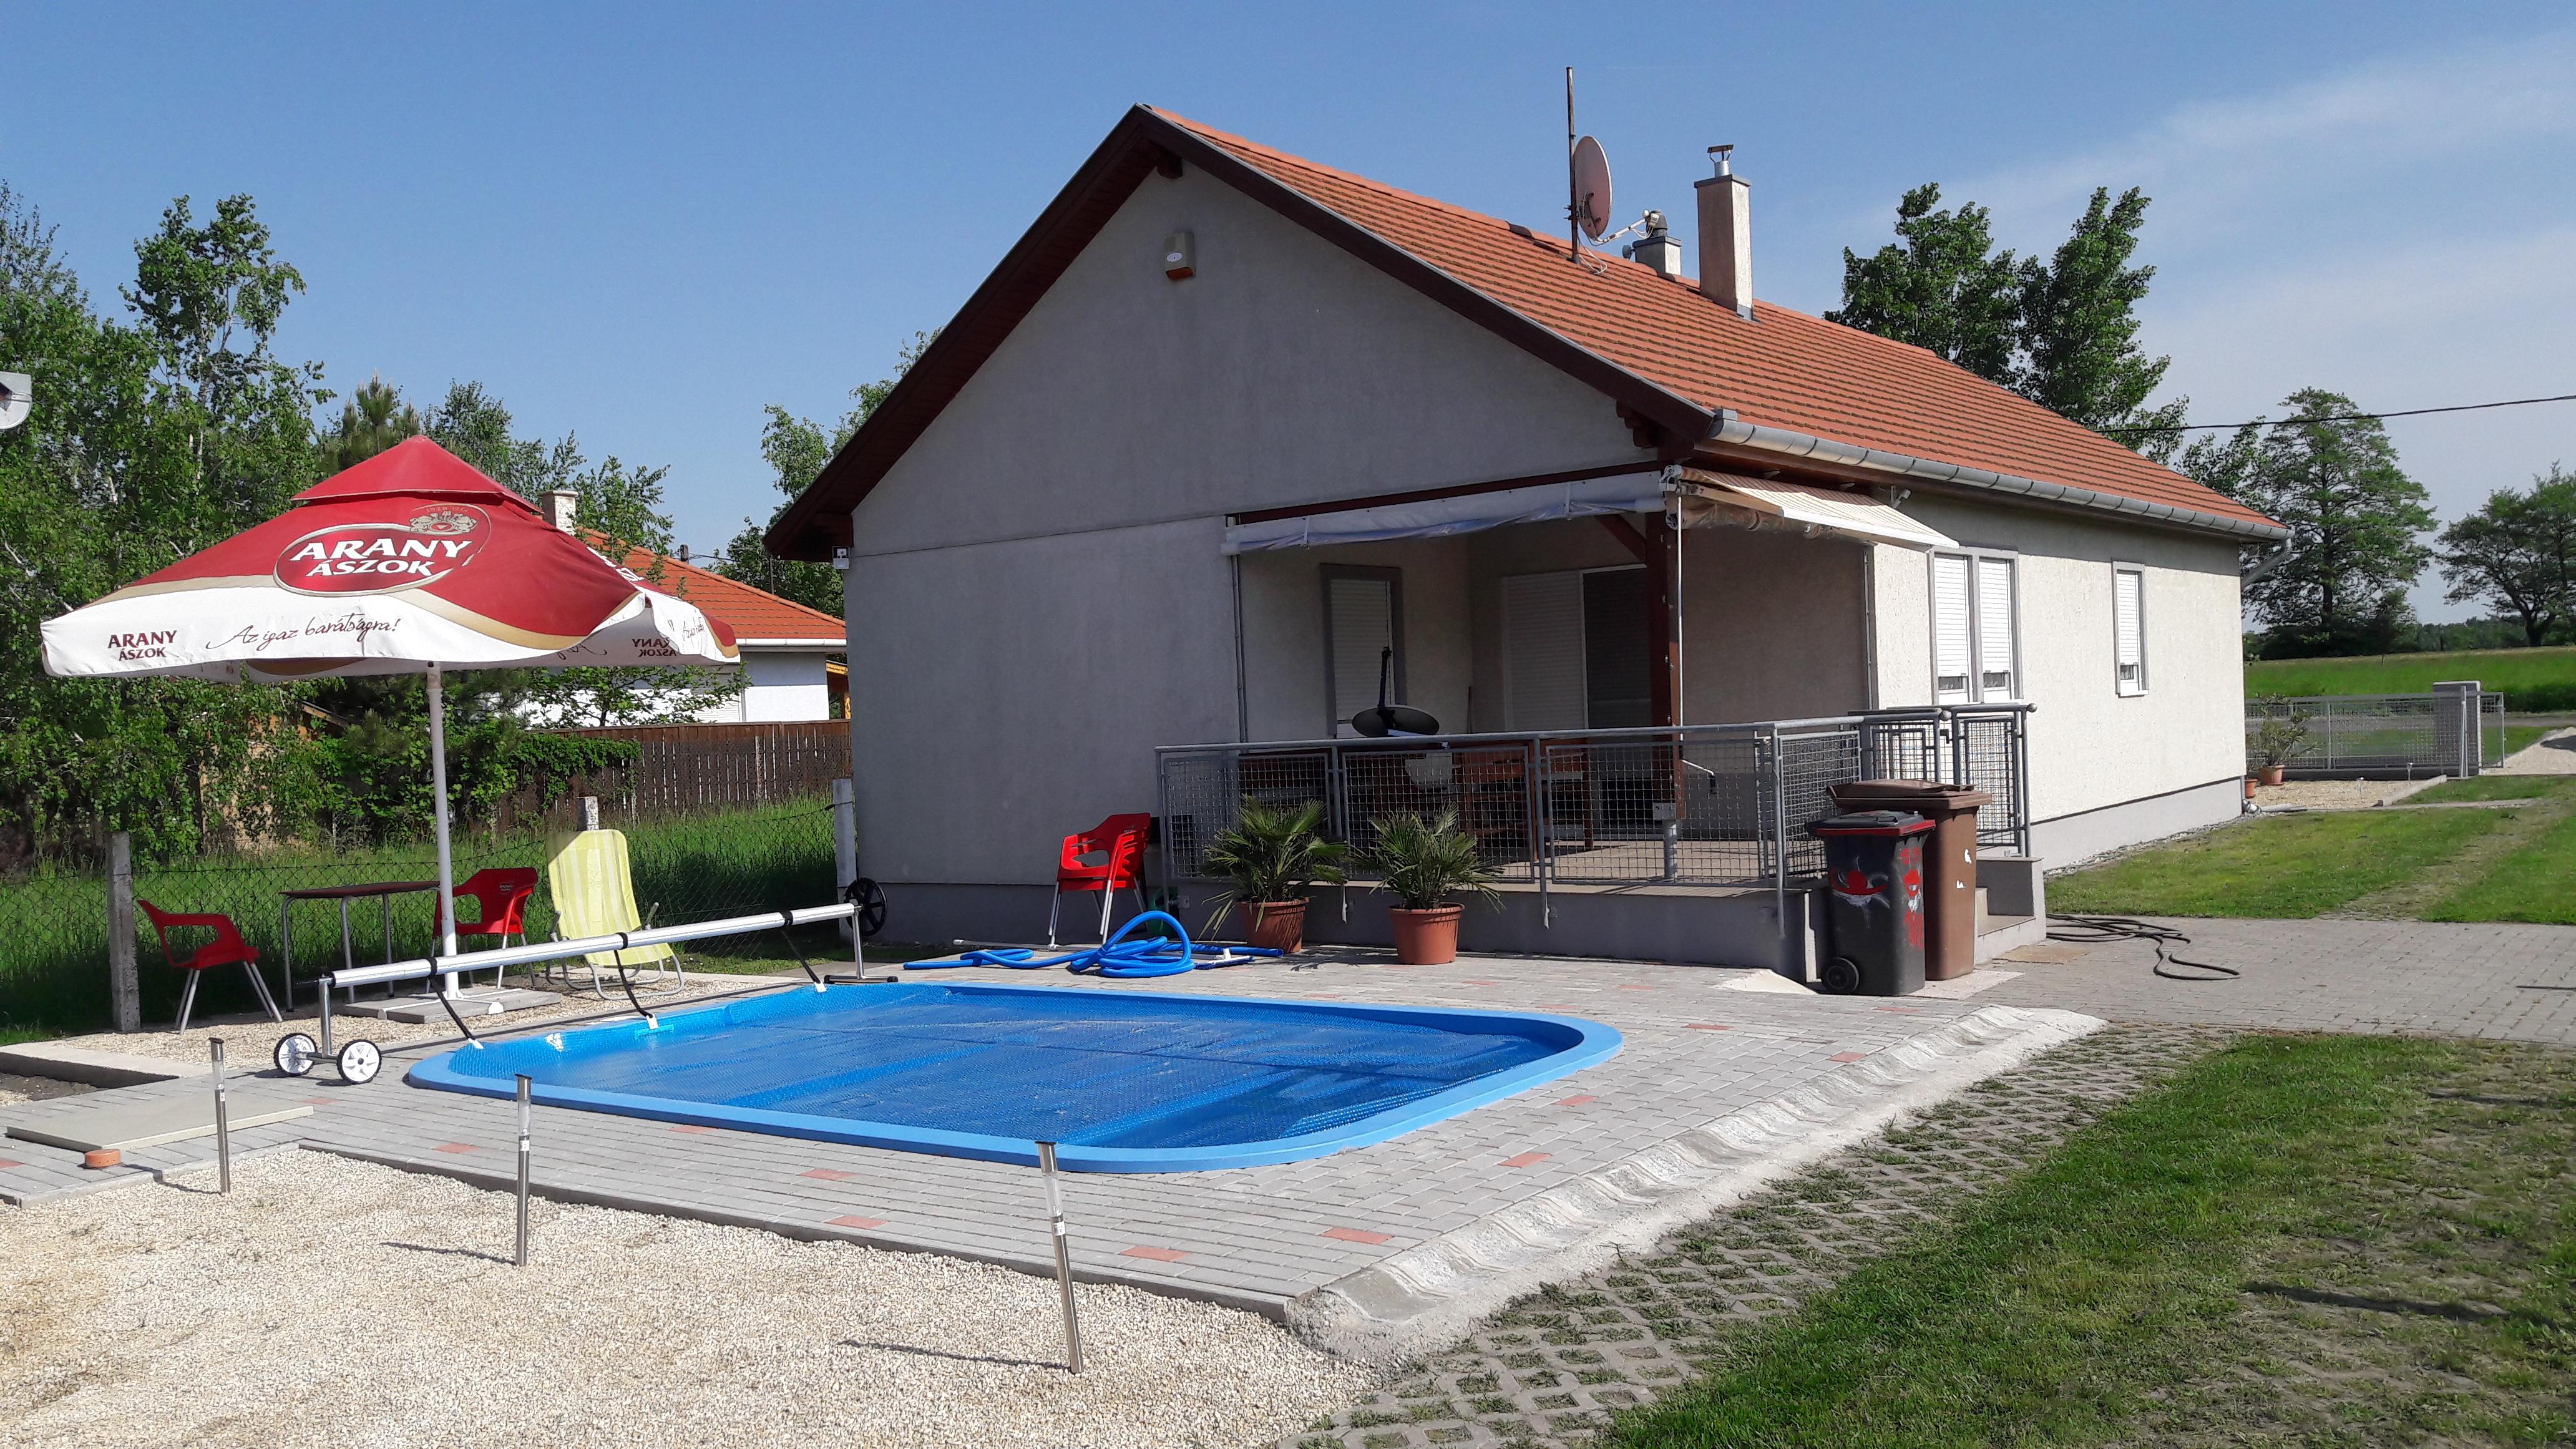 Objekt 155   Schönes Ferienhaus mit Pool,Wlan, Waschmaschine für 5 Personen